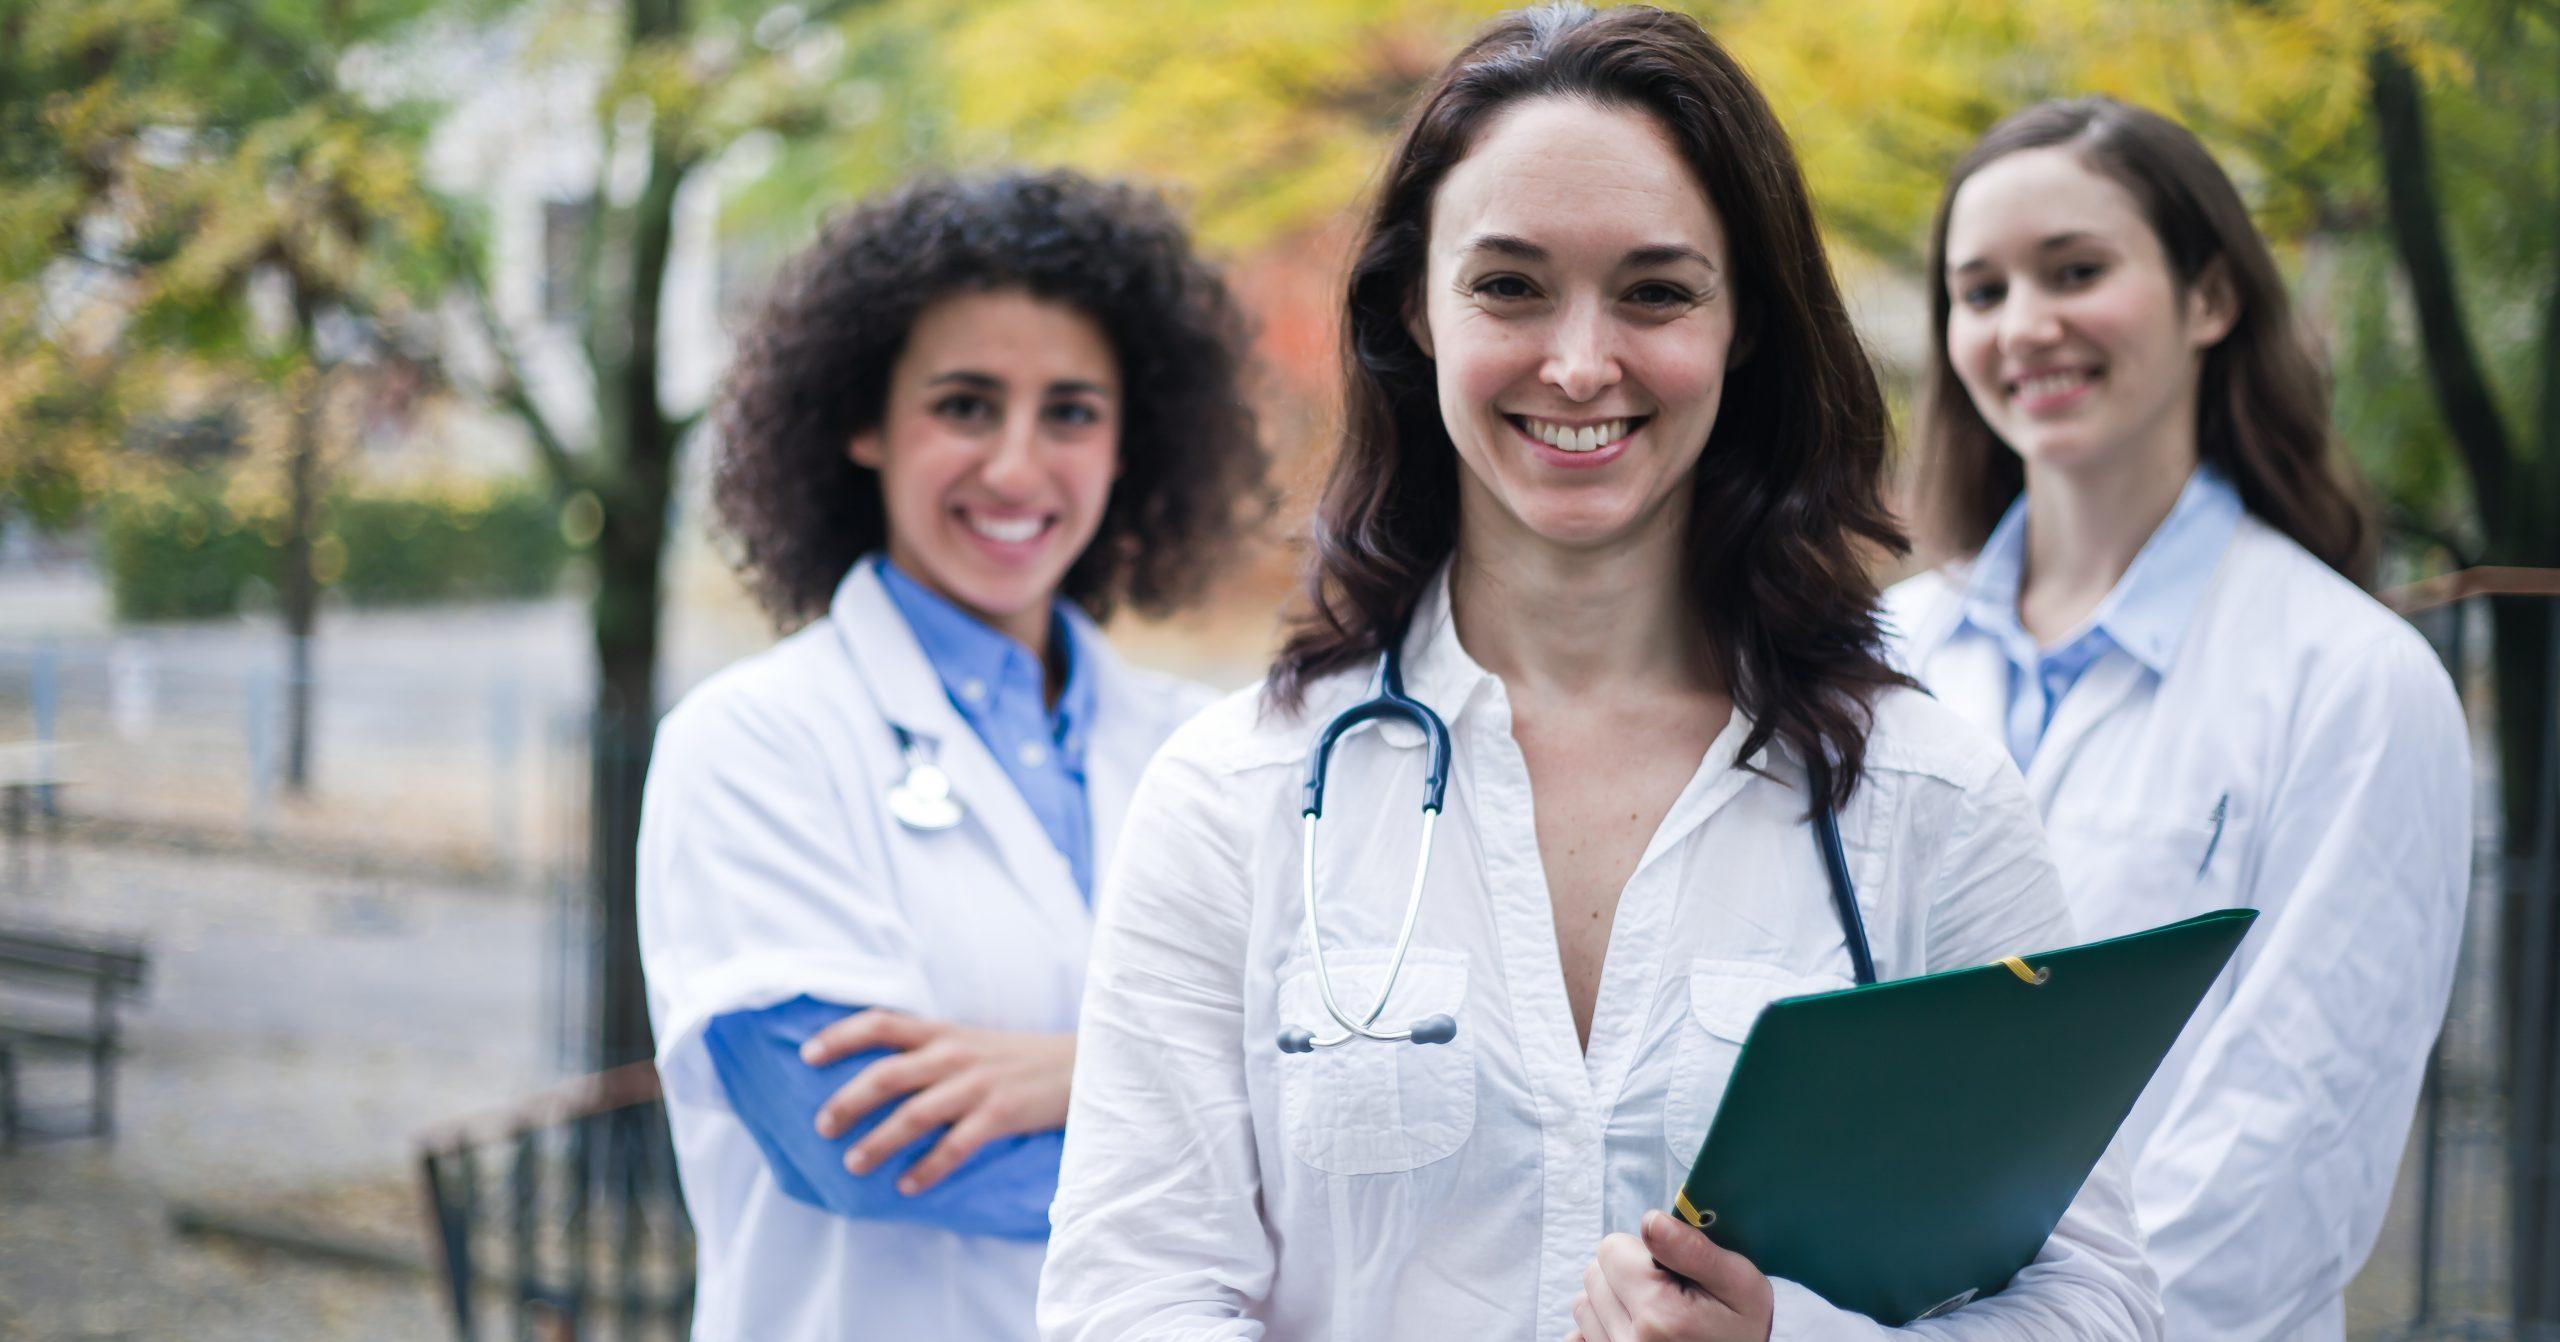 Auswanderung von Ärzten aus Spanien